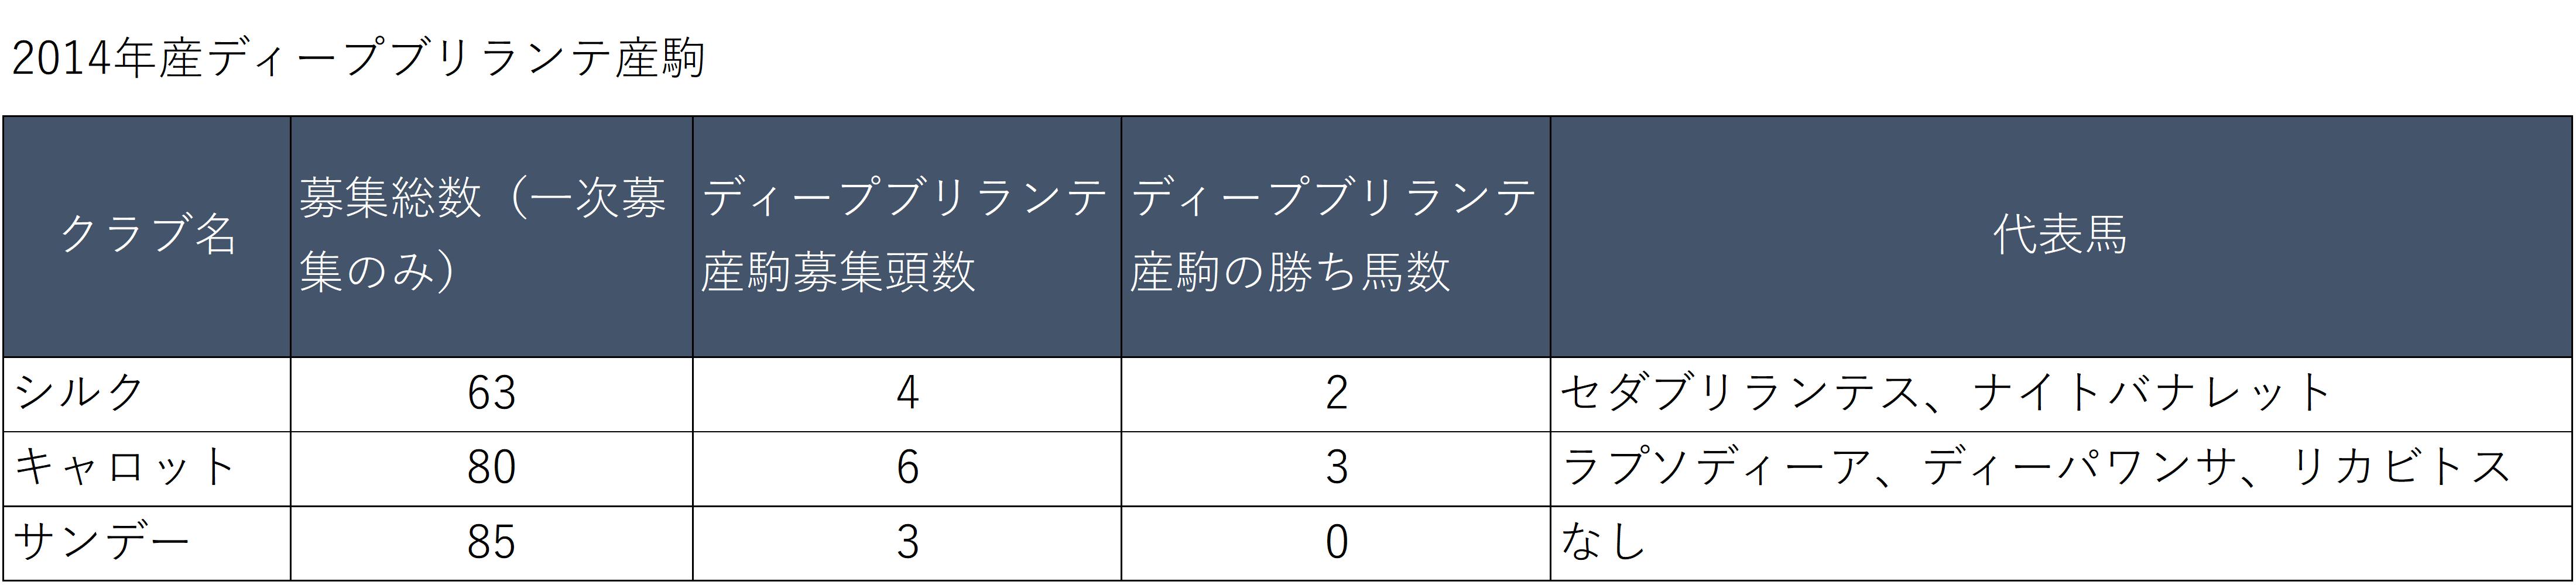 20170704_2014年産ディープブリランテ産駒